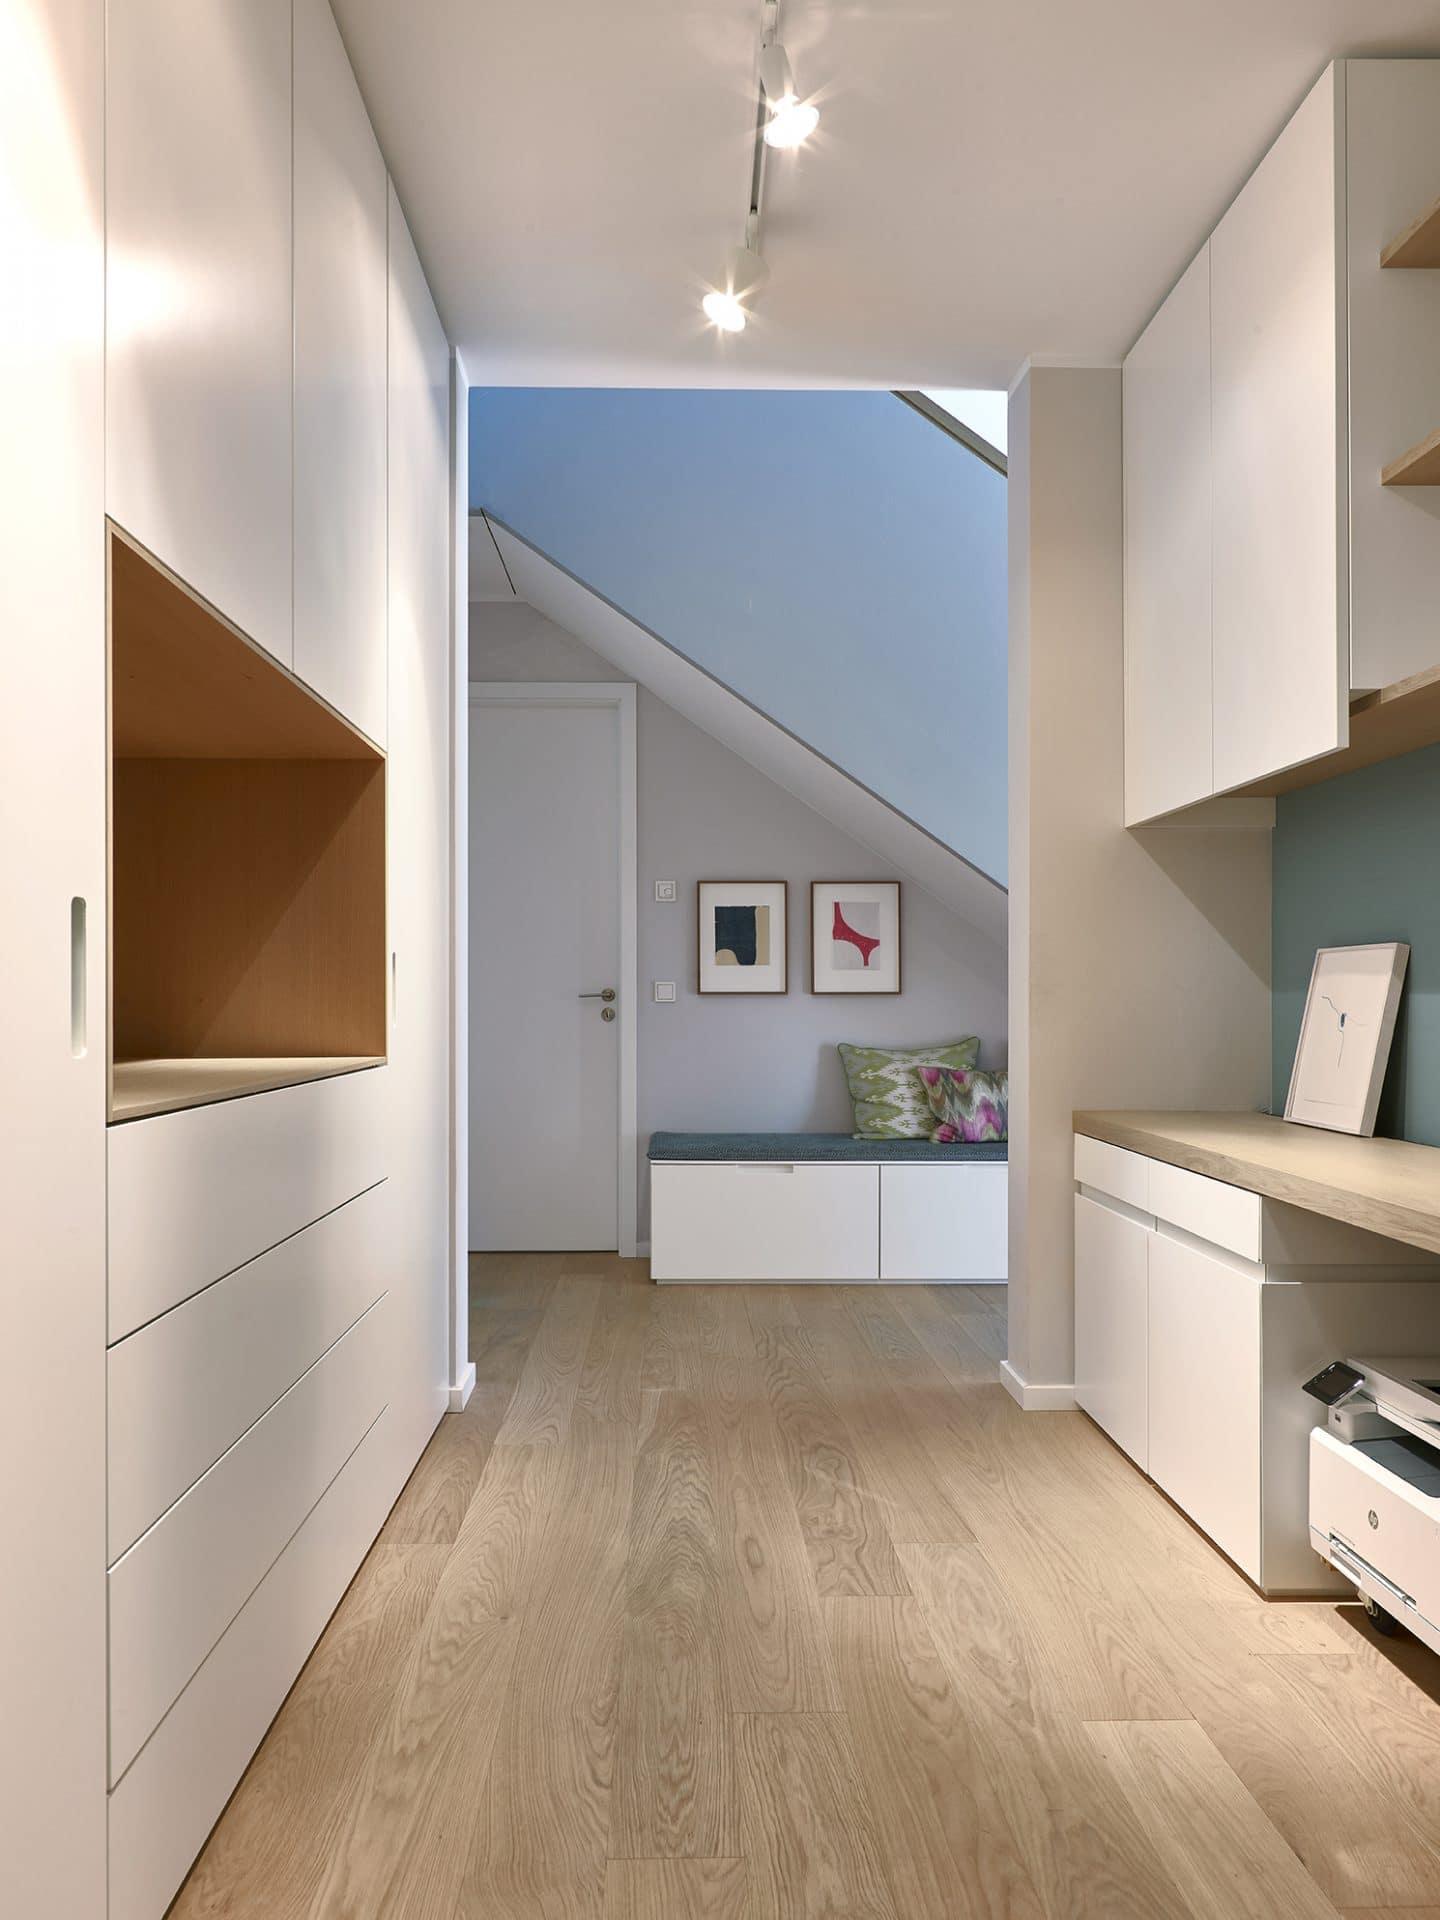 Inneneinrichtungsdesign von Voit, Küche aus Mattlack weiß - Blick in den Eingangsbereich mit Bank